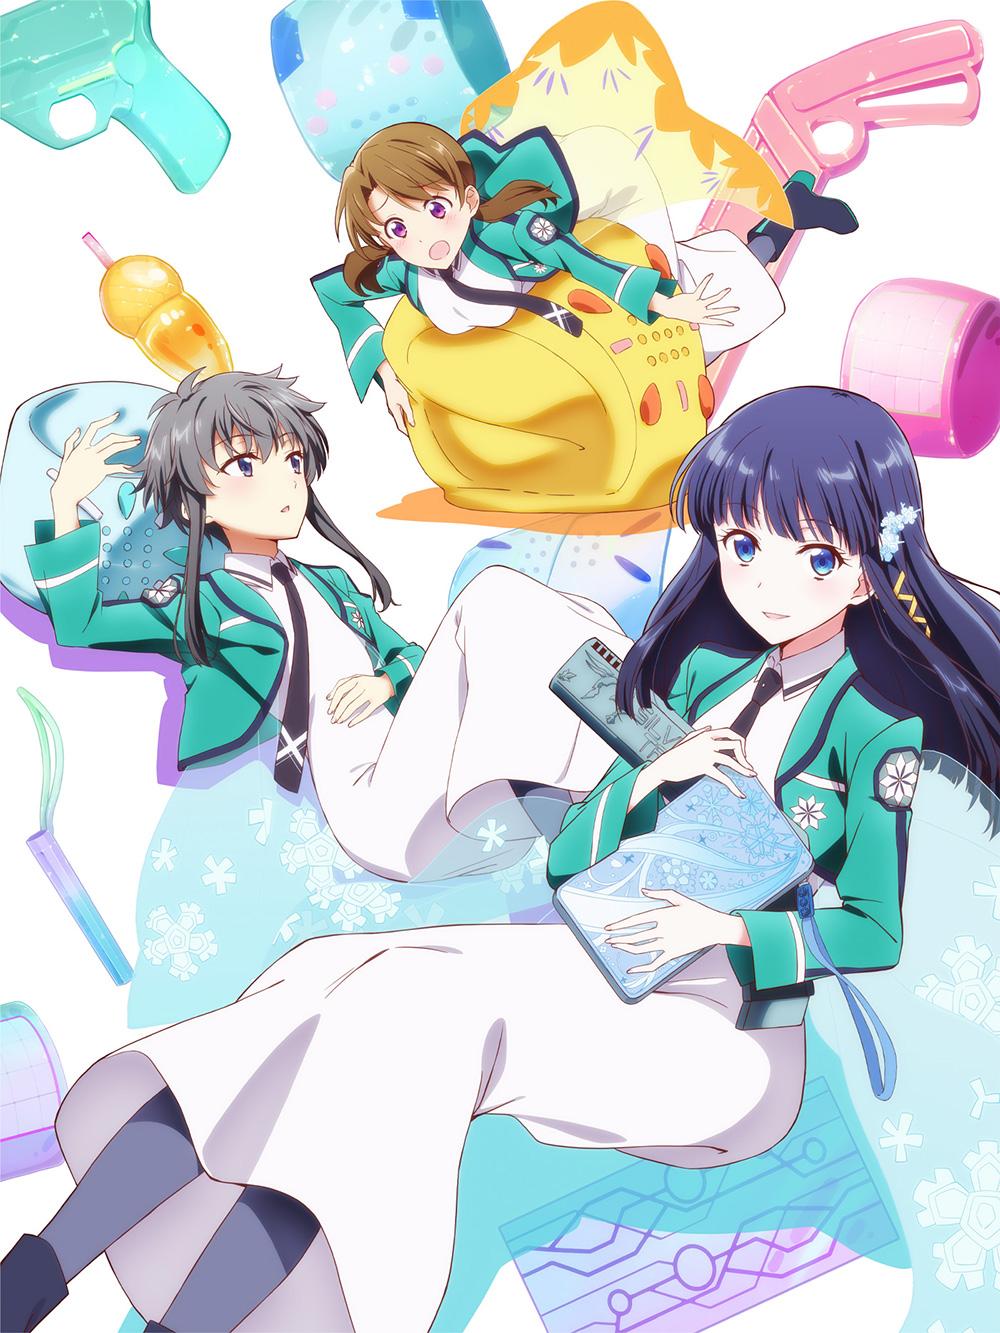 Mahouka-Koukou-no-Yuutousei-Anime-Visual